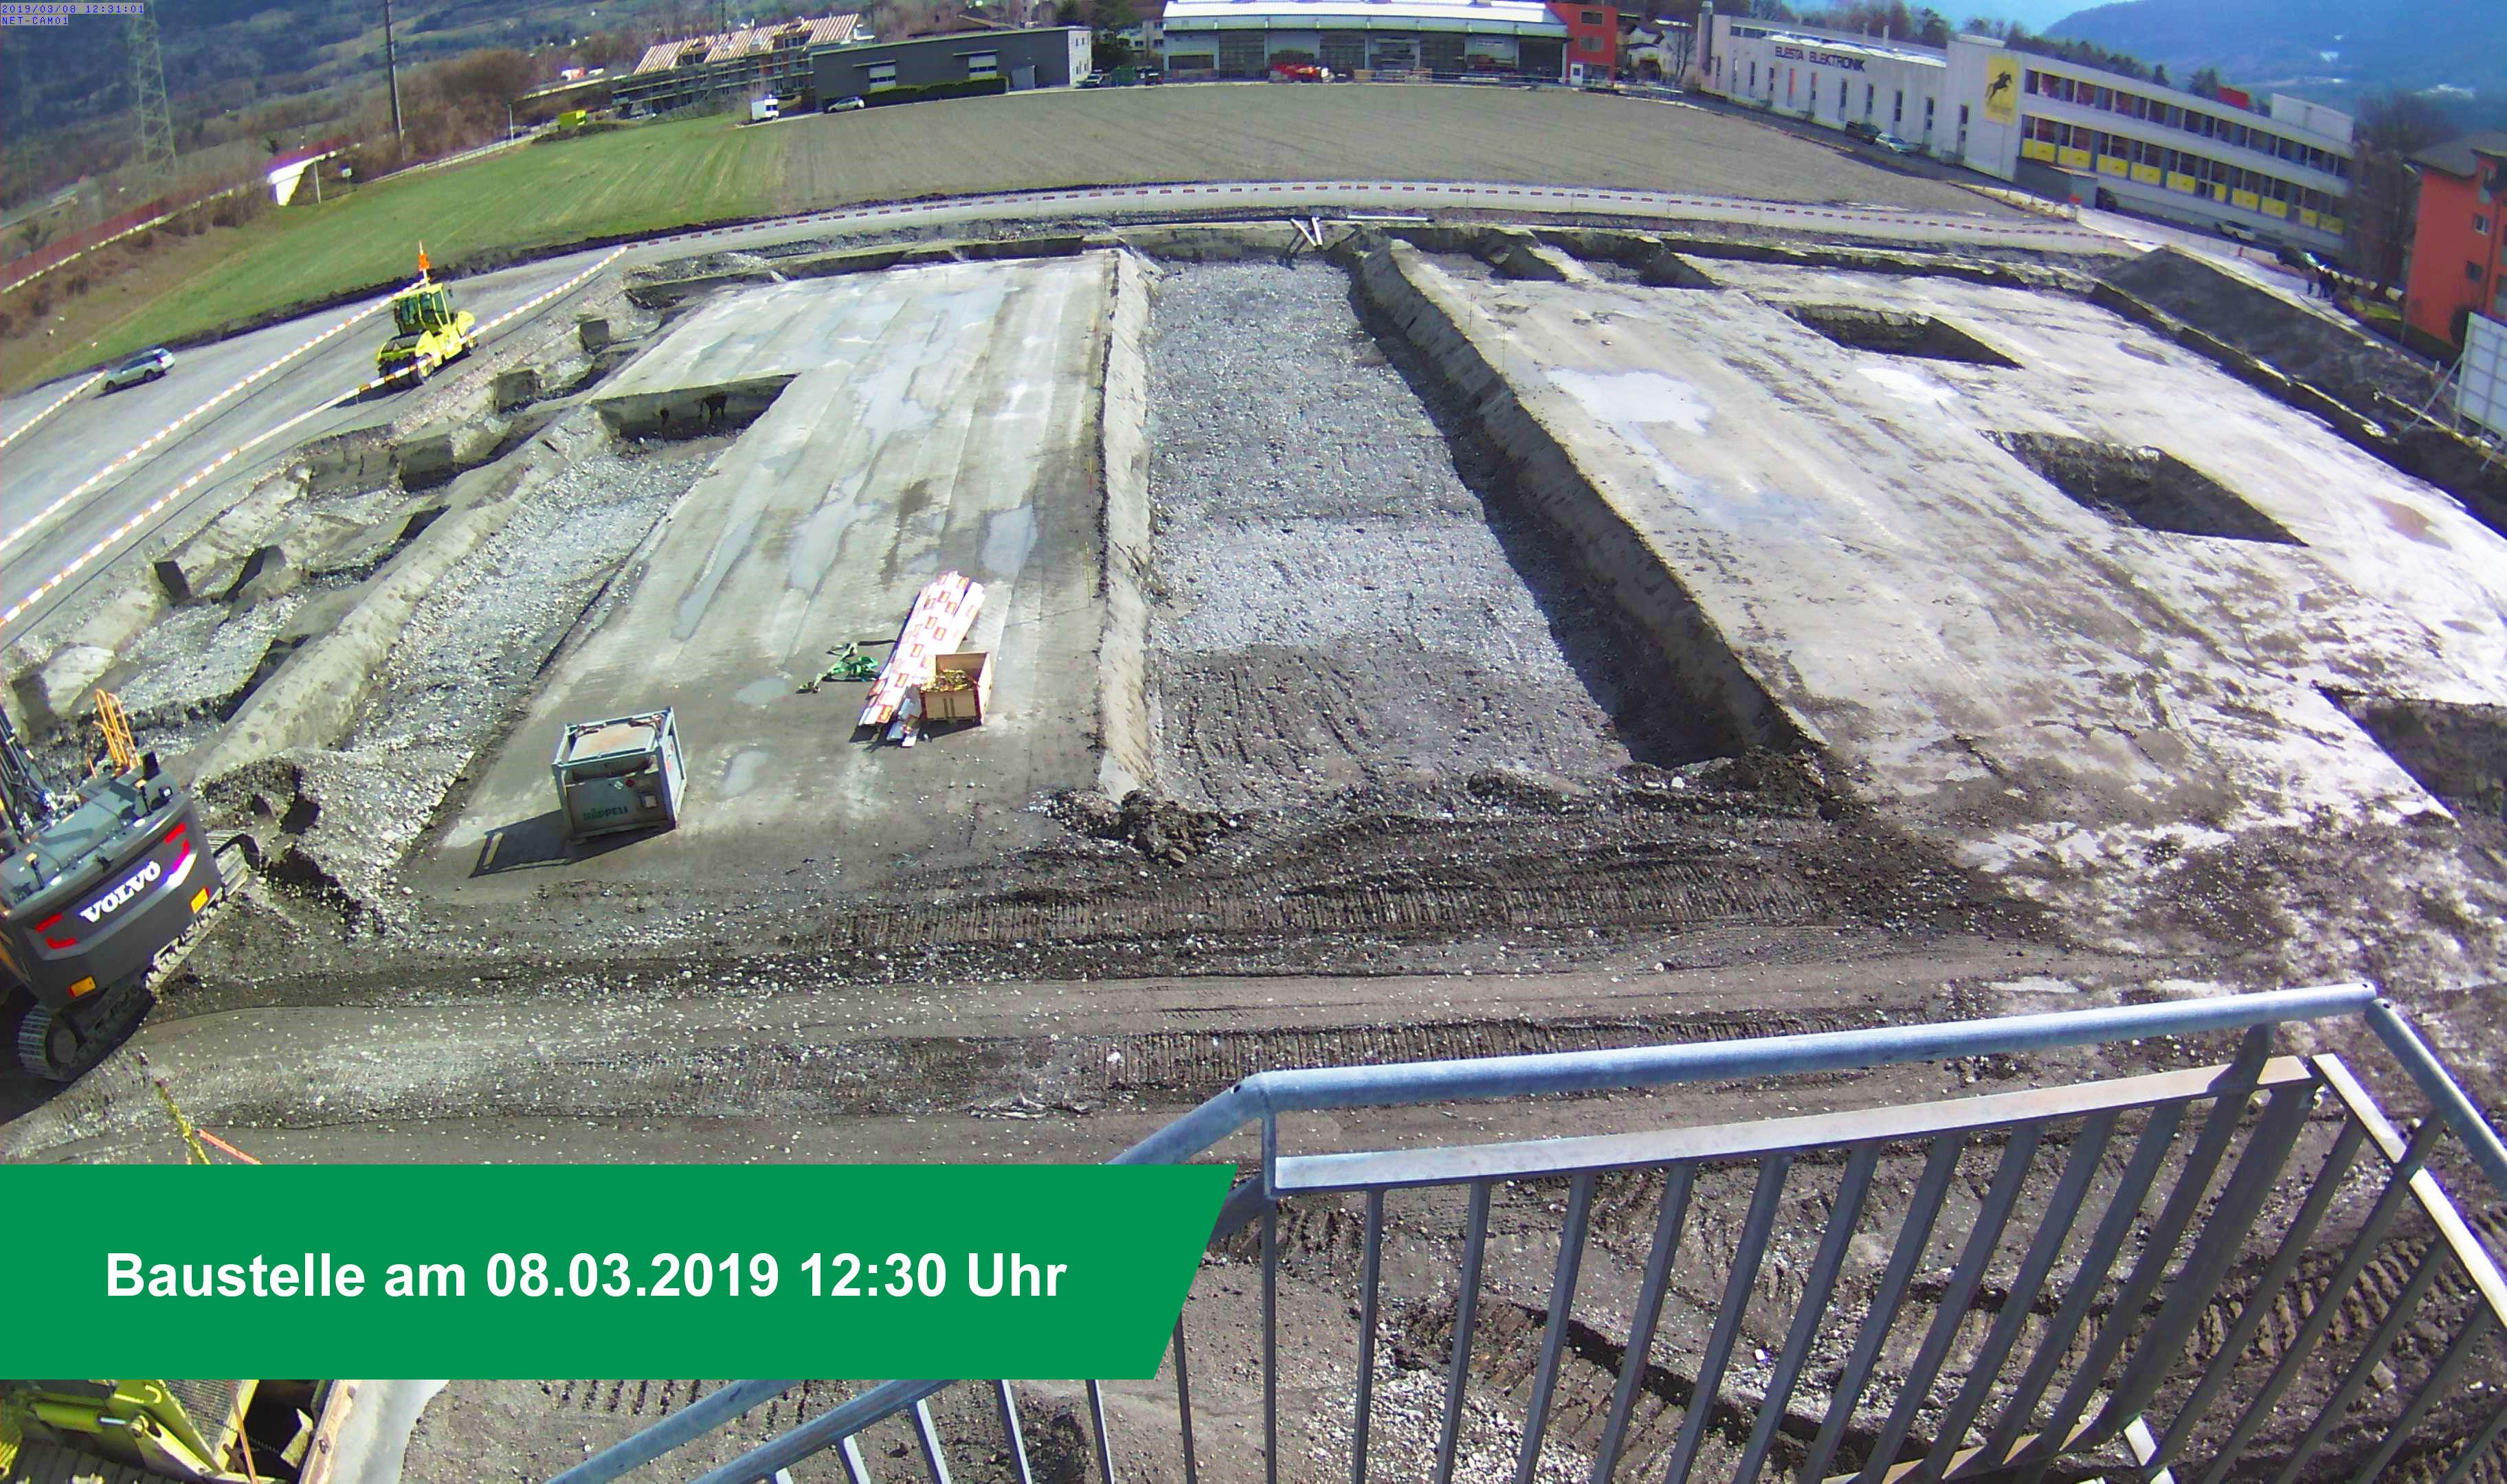 Webcam Construction Site